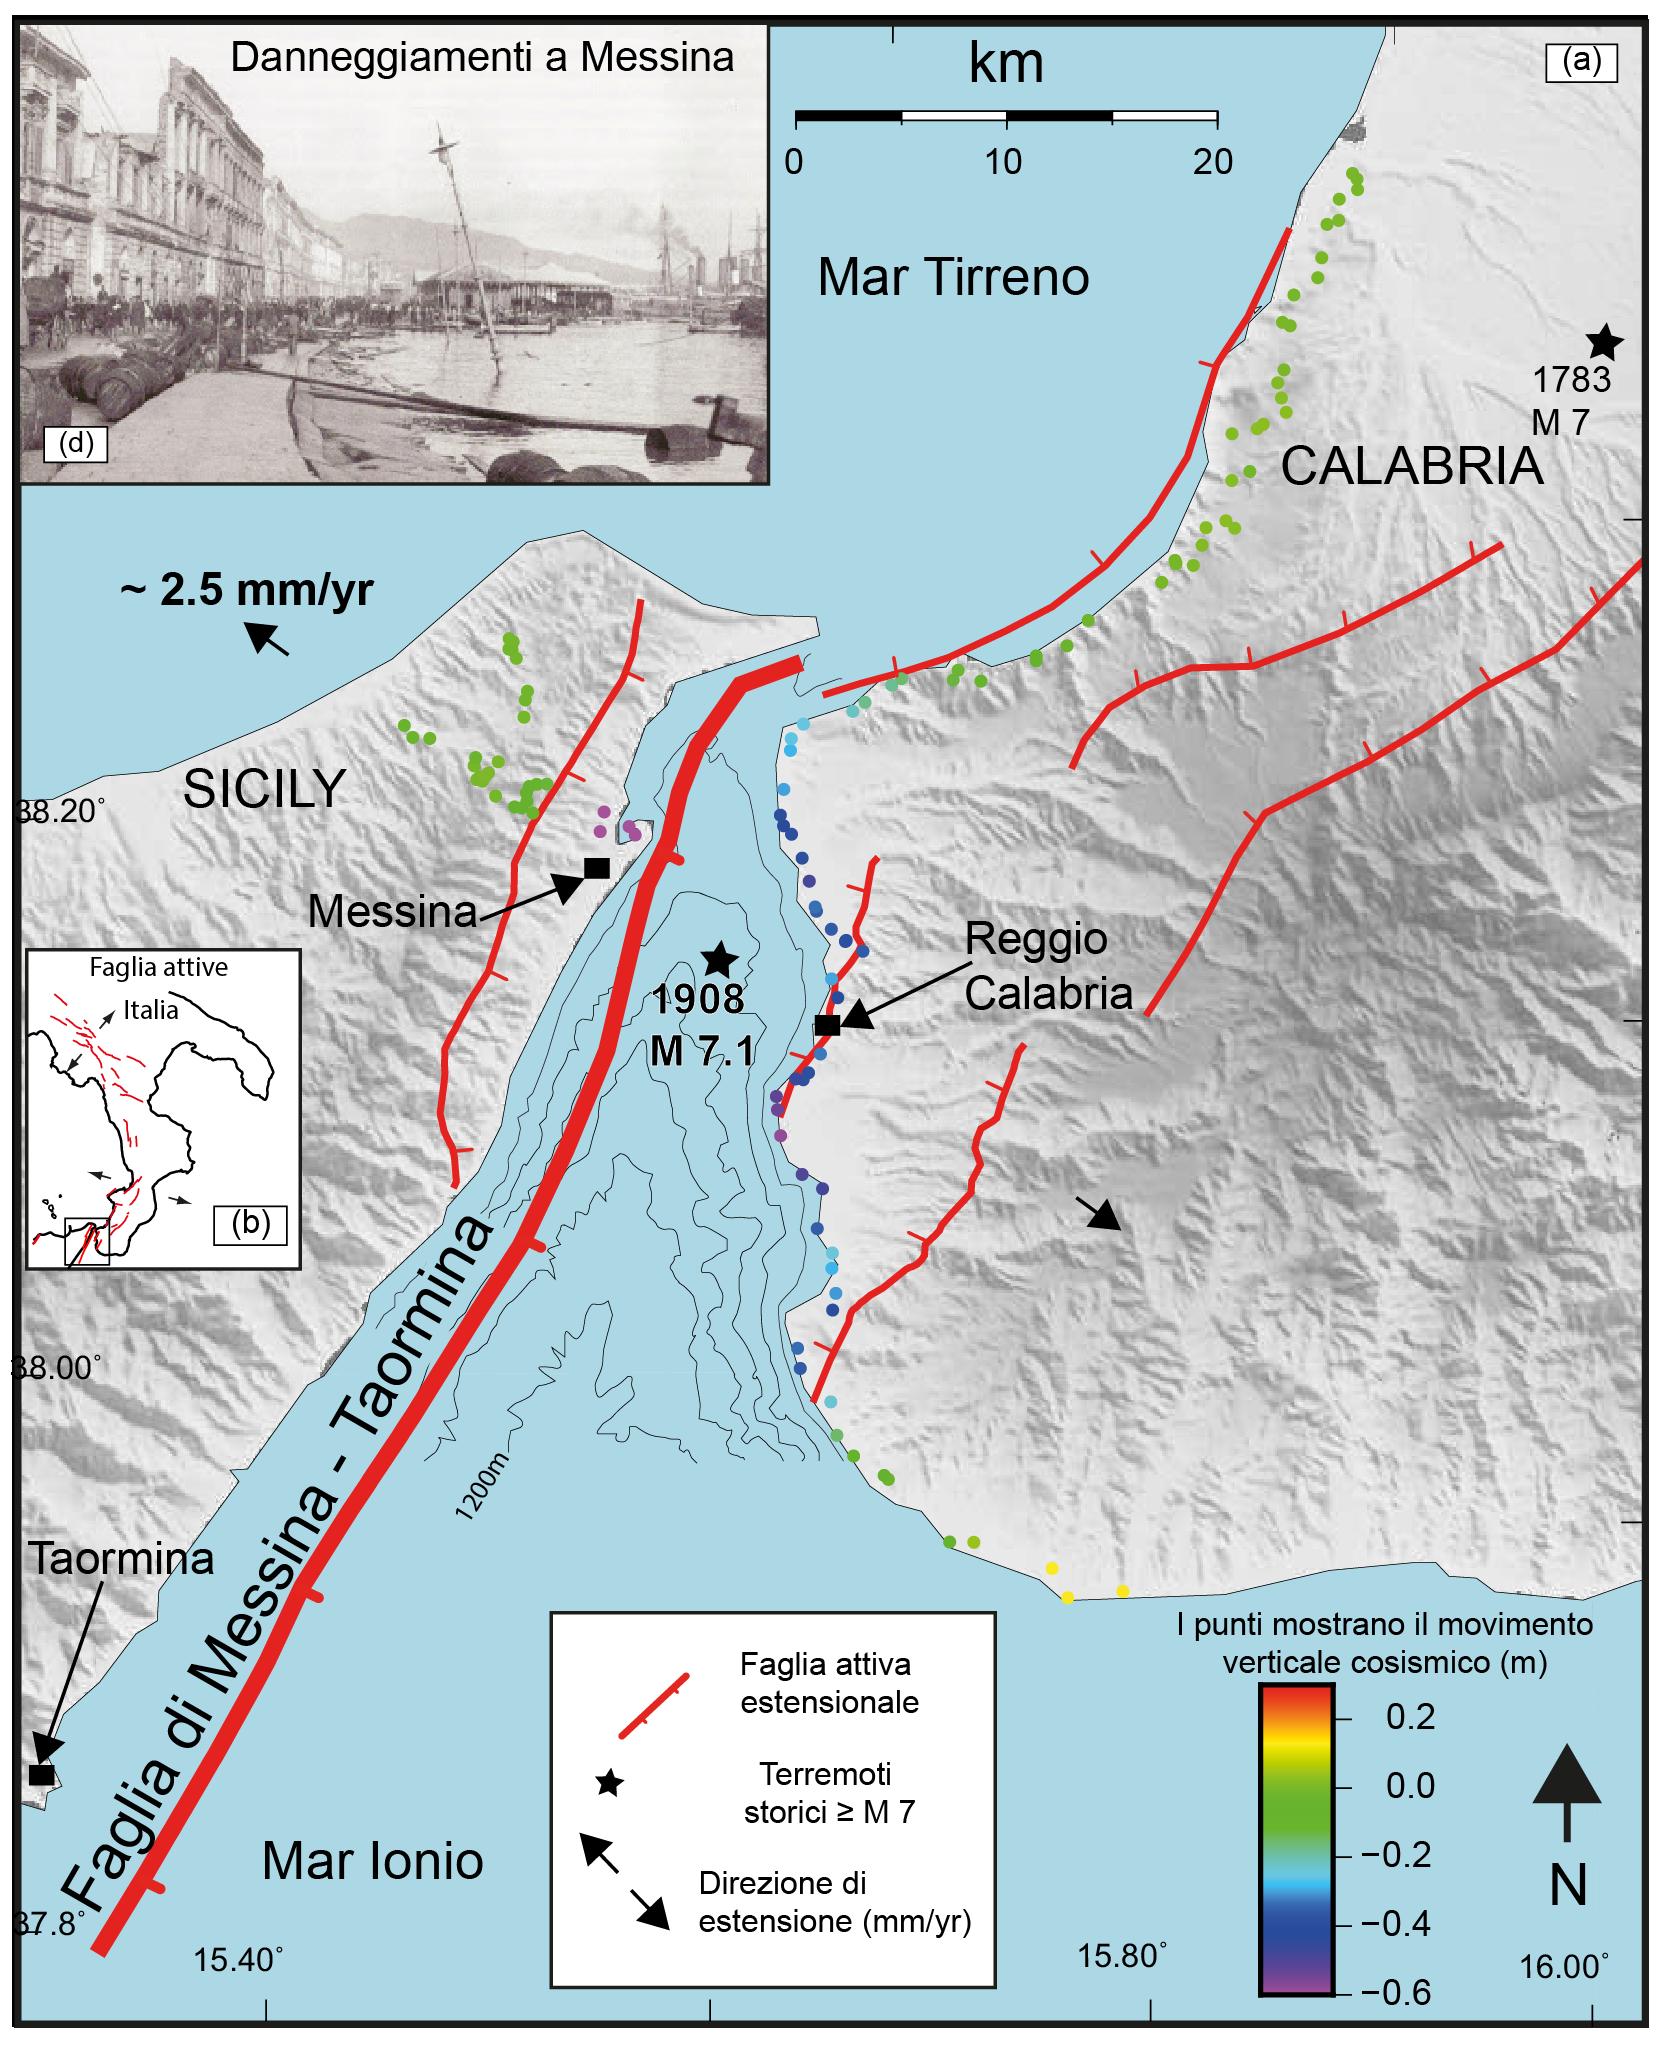 Cartina Italia Terremoti.Identificata La Faglia Responsabile Del Terremoto Di Messina Del 1908 Temblor Net